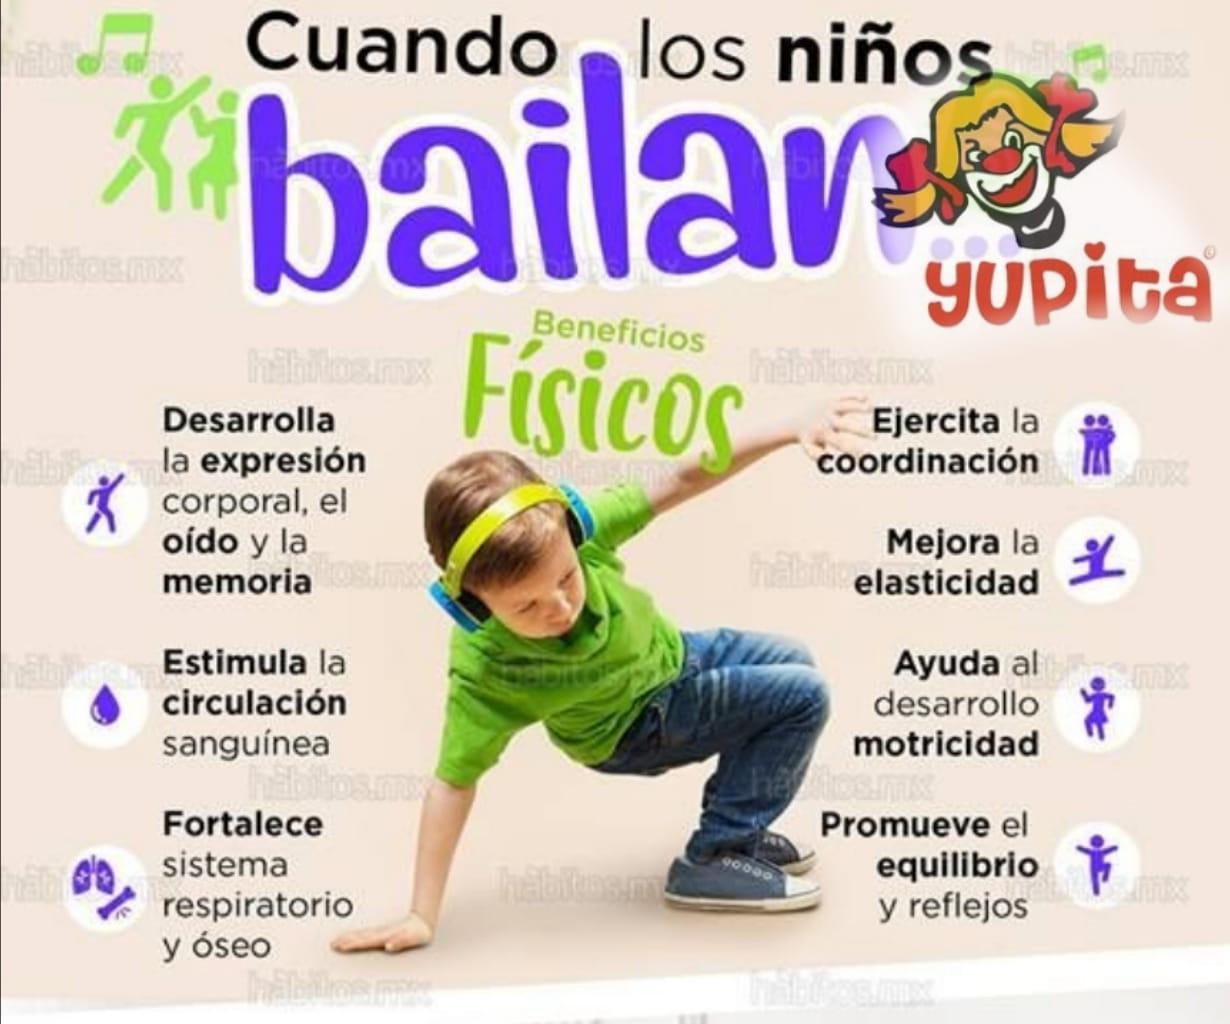 BENEFICIOS DE BAILAR EN NIÑOS